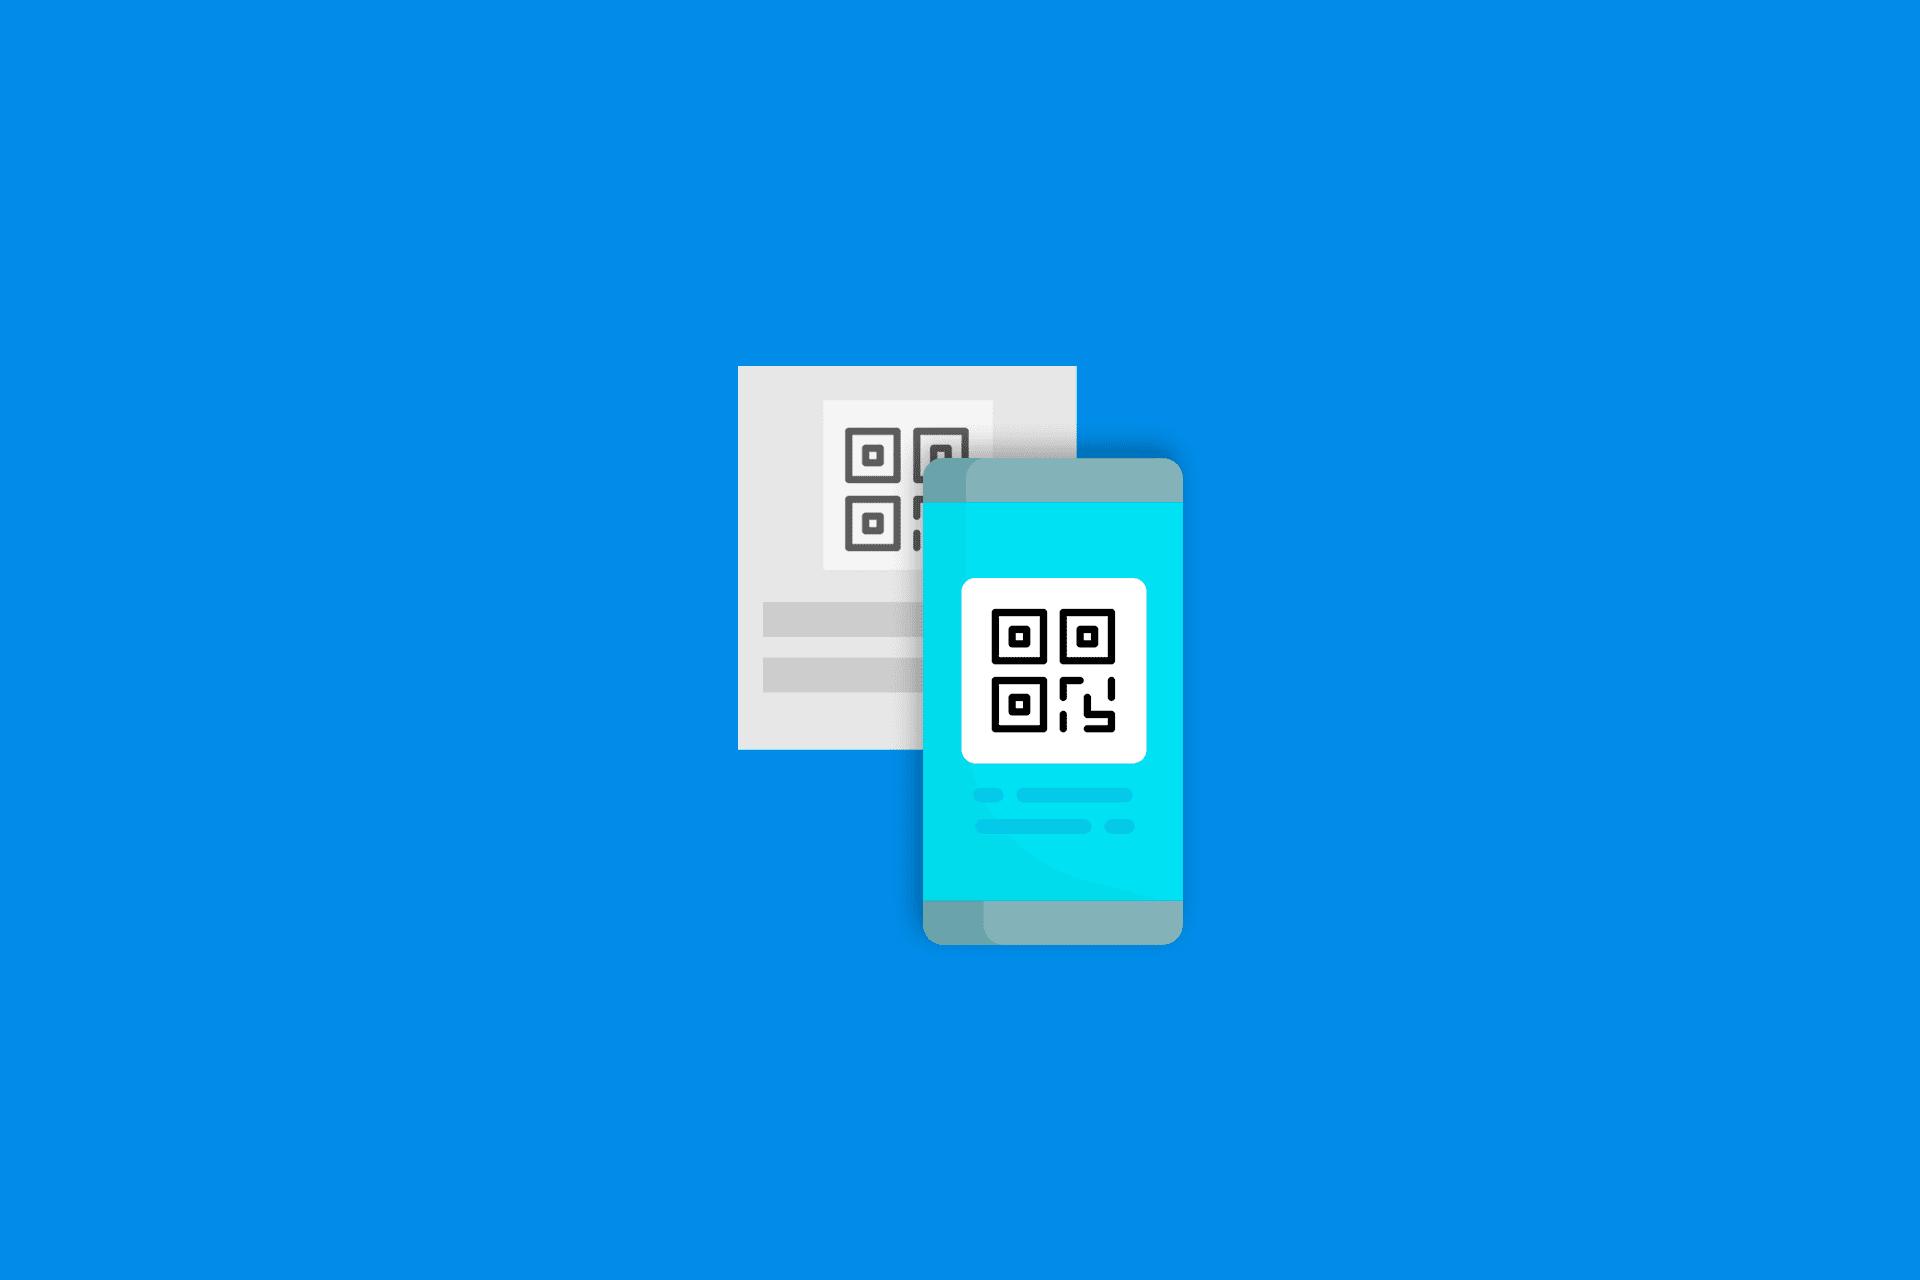 aplicativo de credenciamento